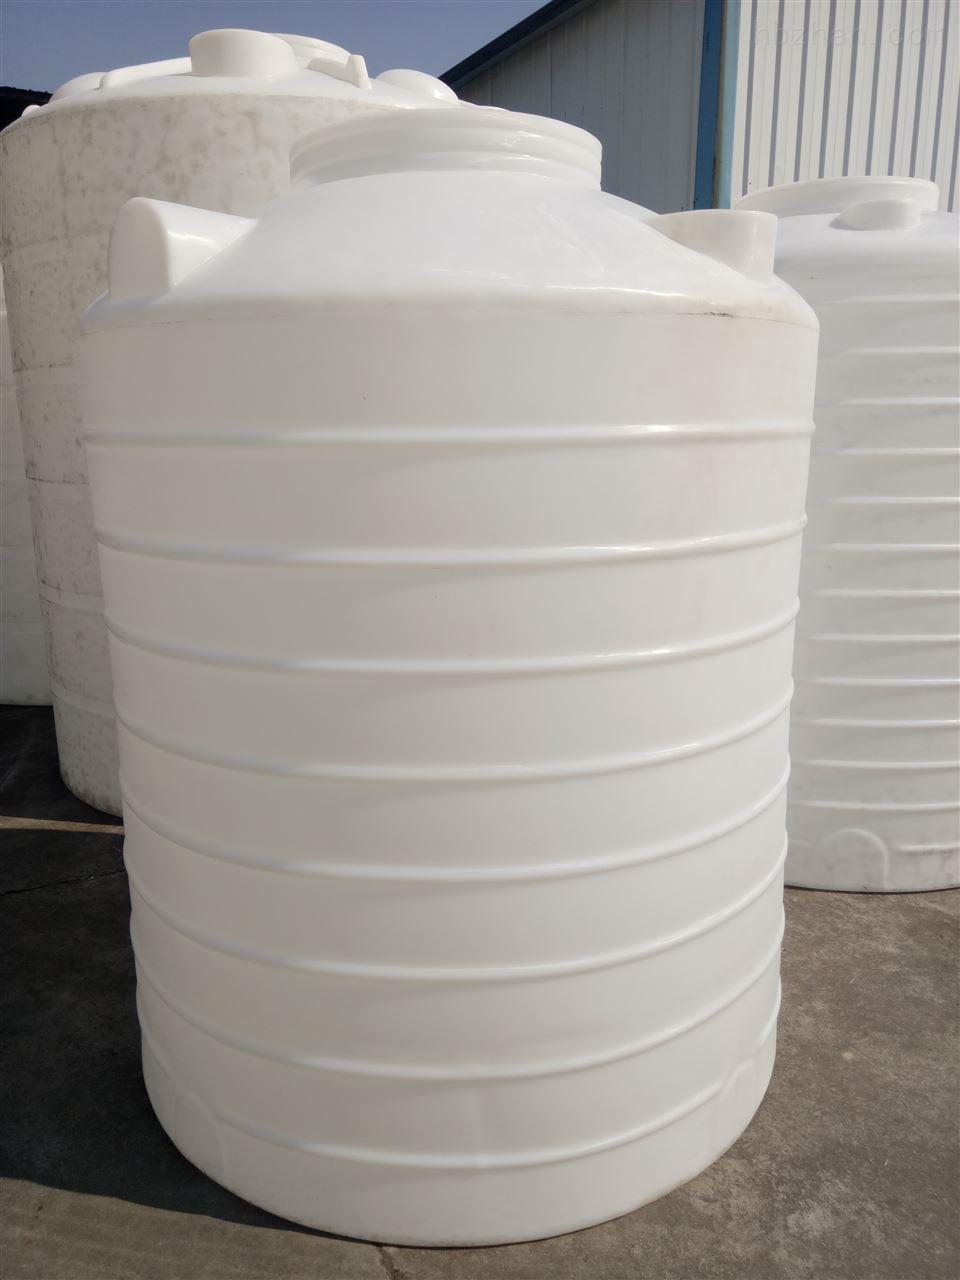 桐城5吨聚乙烯大桶价格 5立方滤液集水塑料储罐厂家